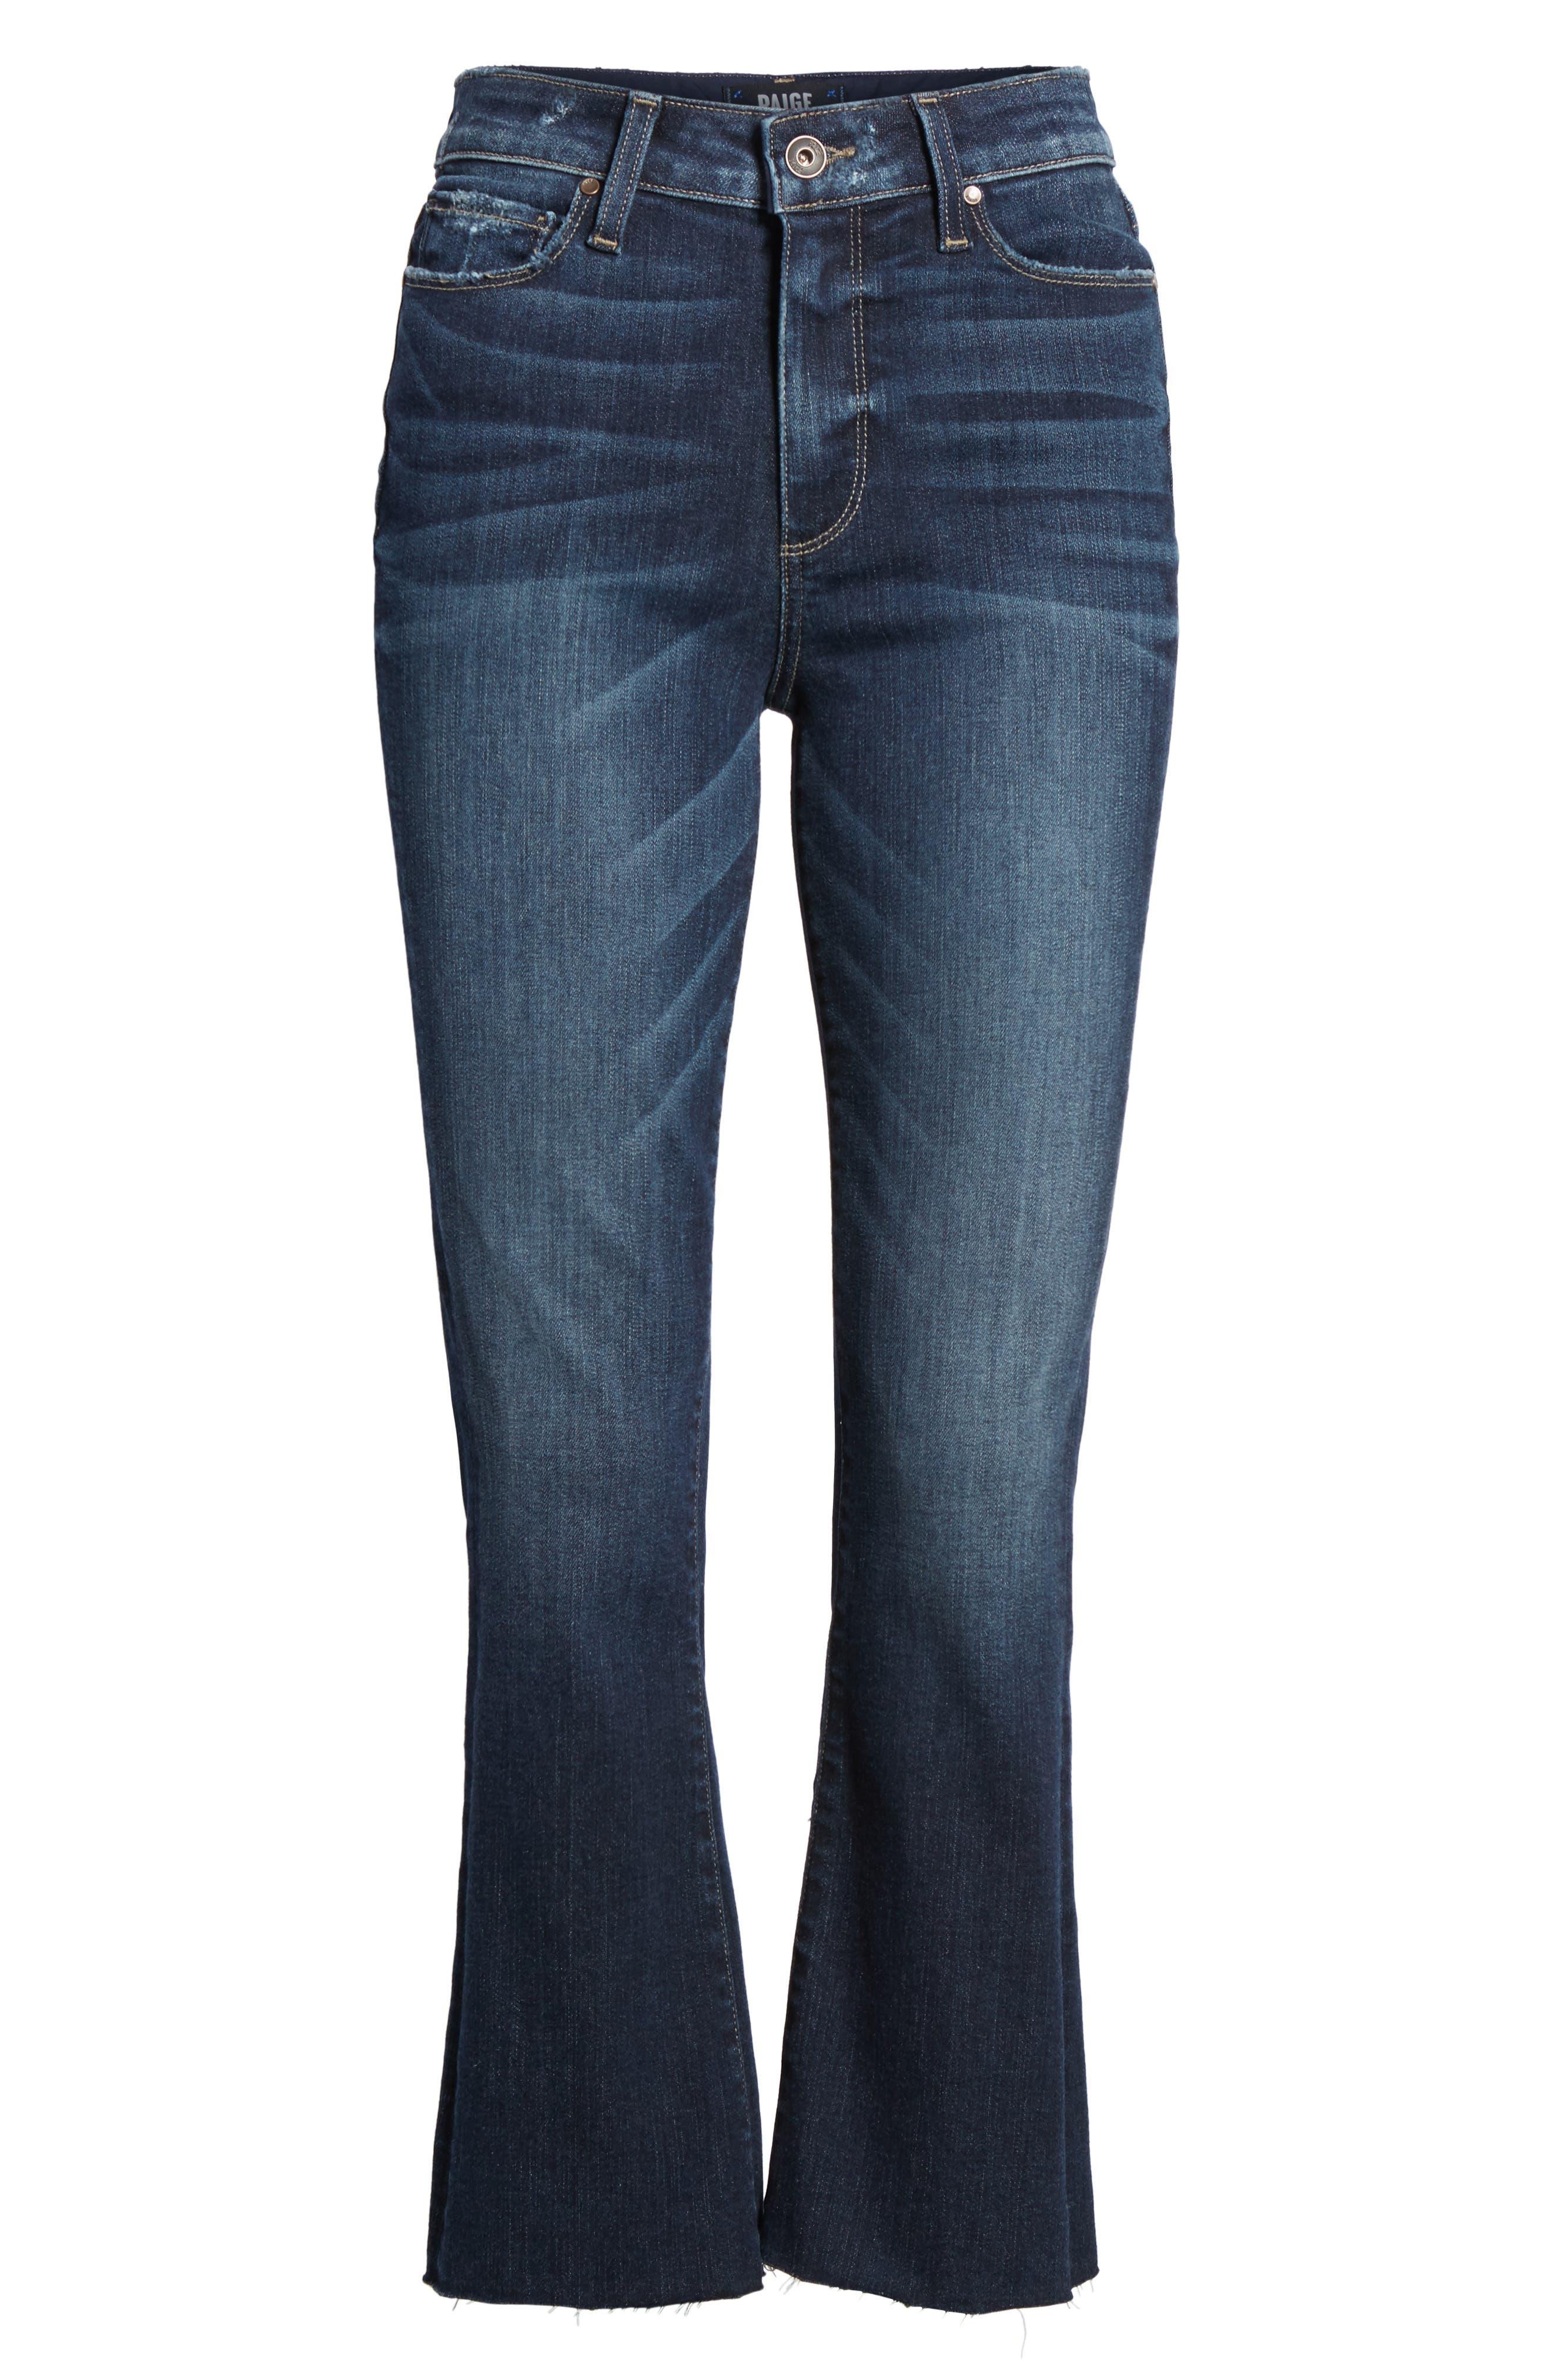 Transcend Vintage - Colette Crop Flare Jeans,                             Alternate thumbnail 7, color,                             ANZA